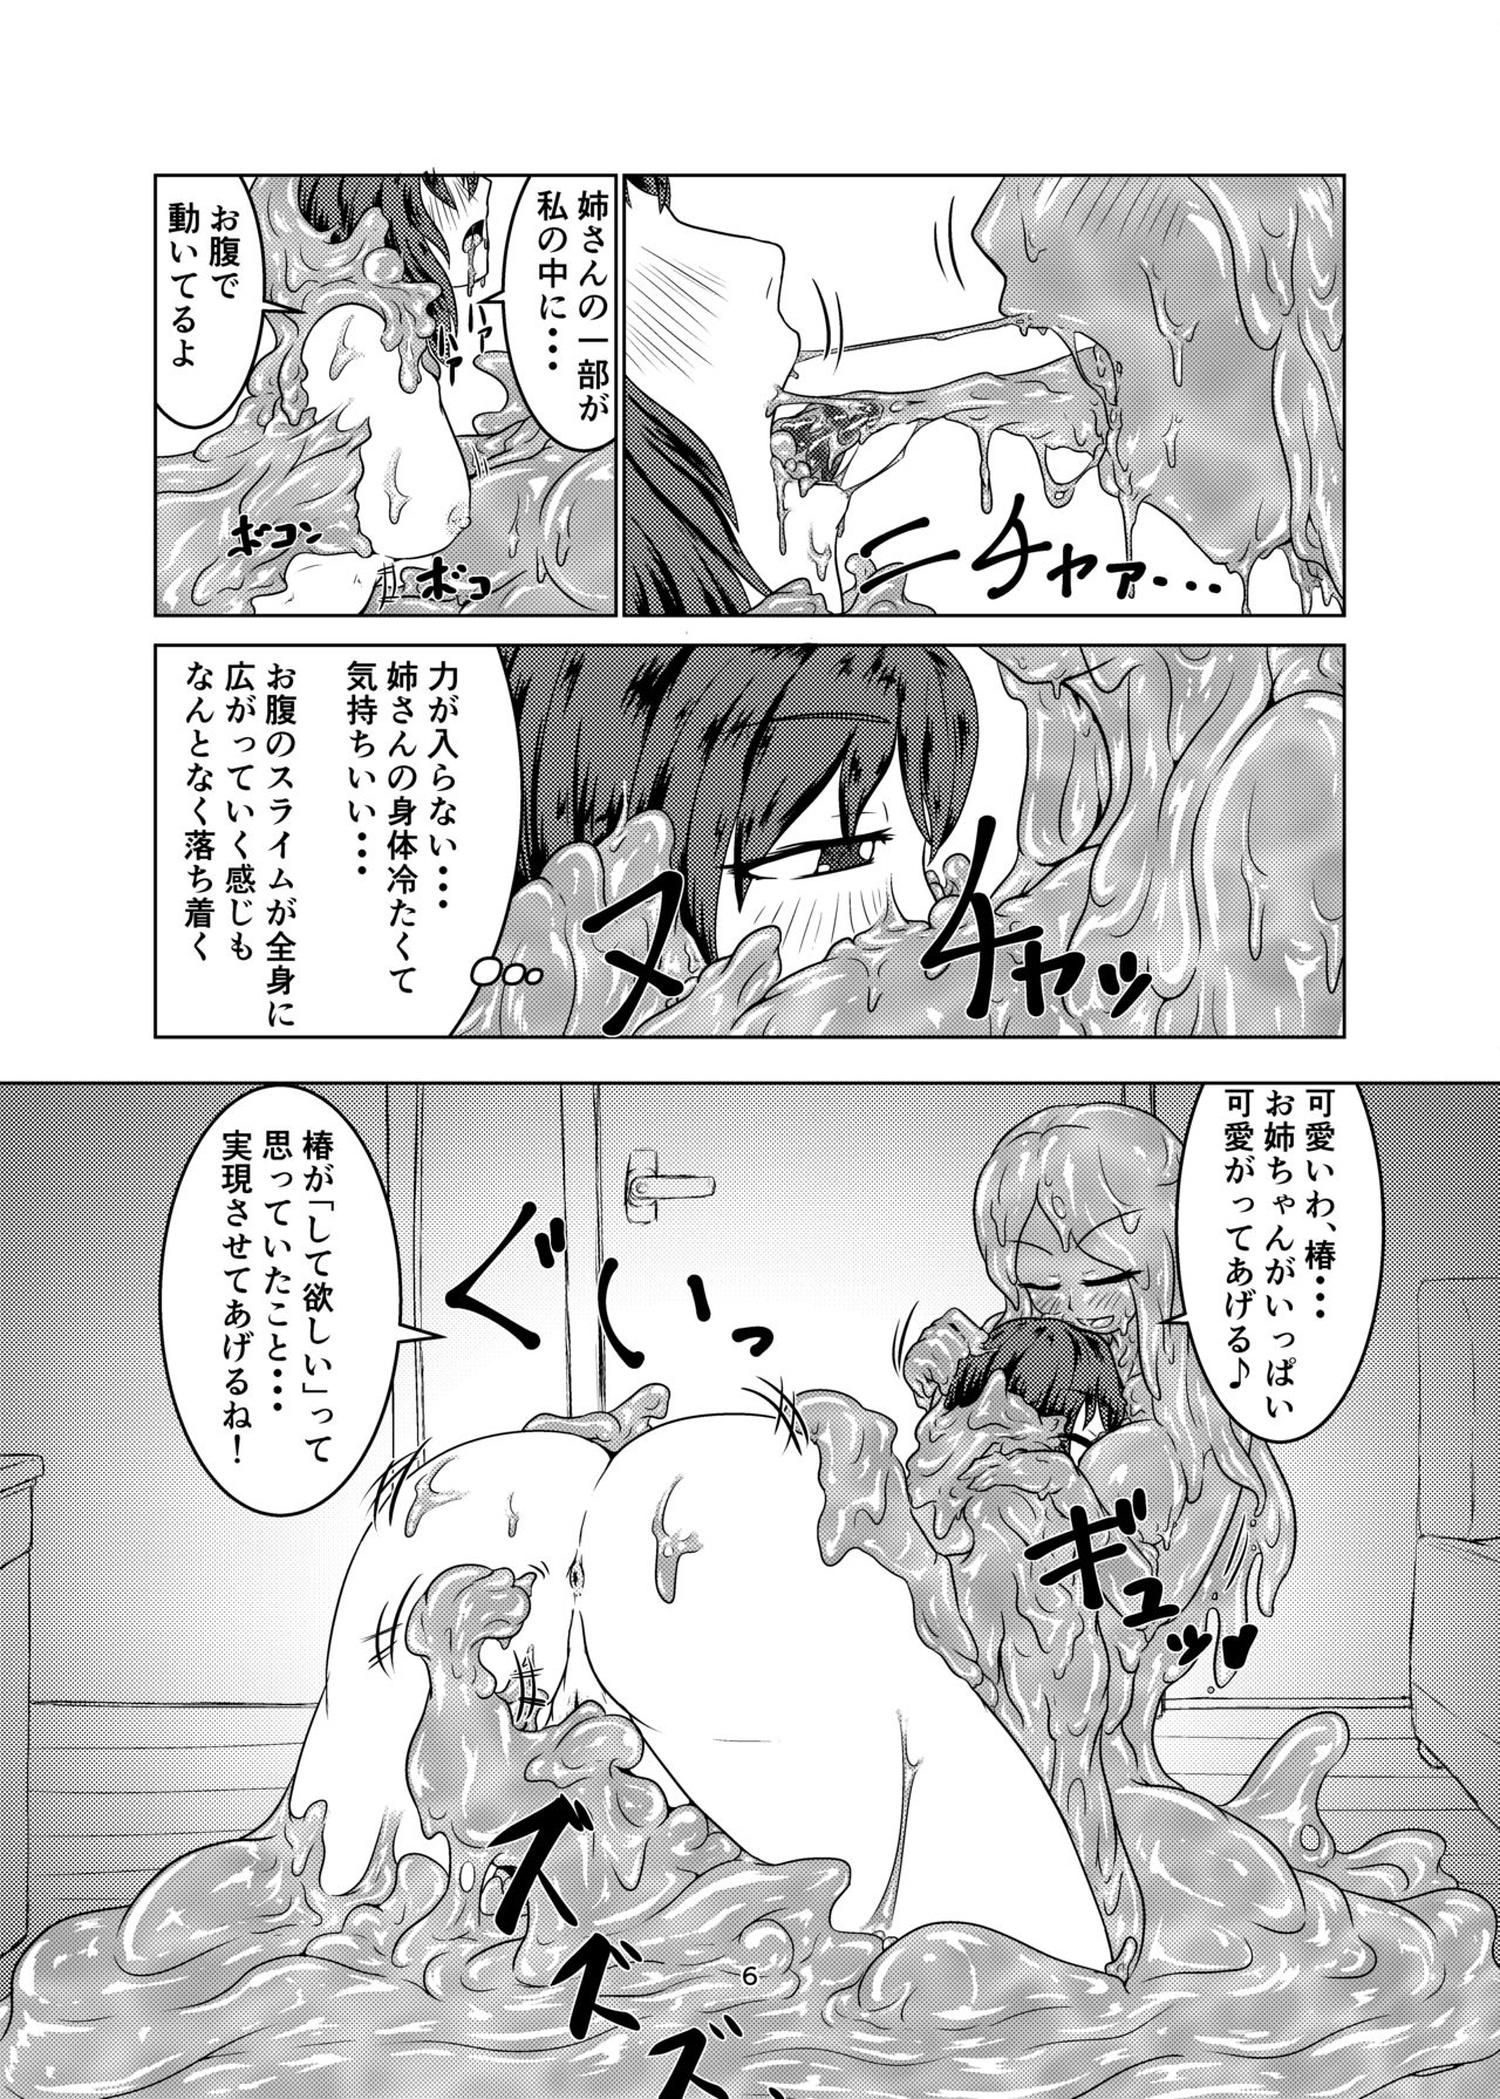 【エロ漫画】スライムになってしまったお姉さんに、身動きできなくされてお尻から姉さんが入って来ちゃう!【無料 エロ同人誌】 (5)